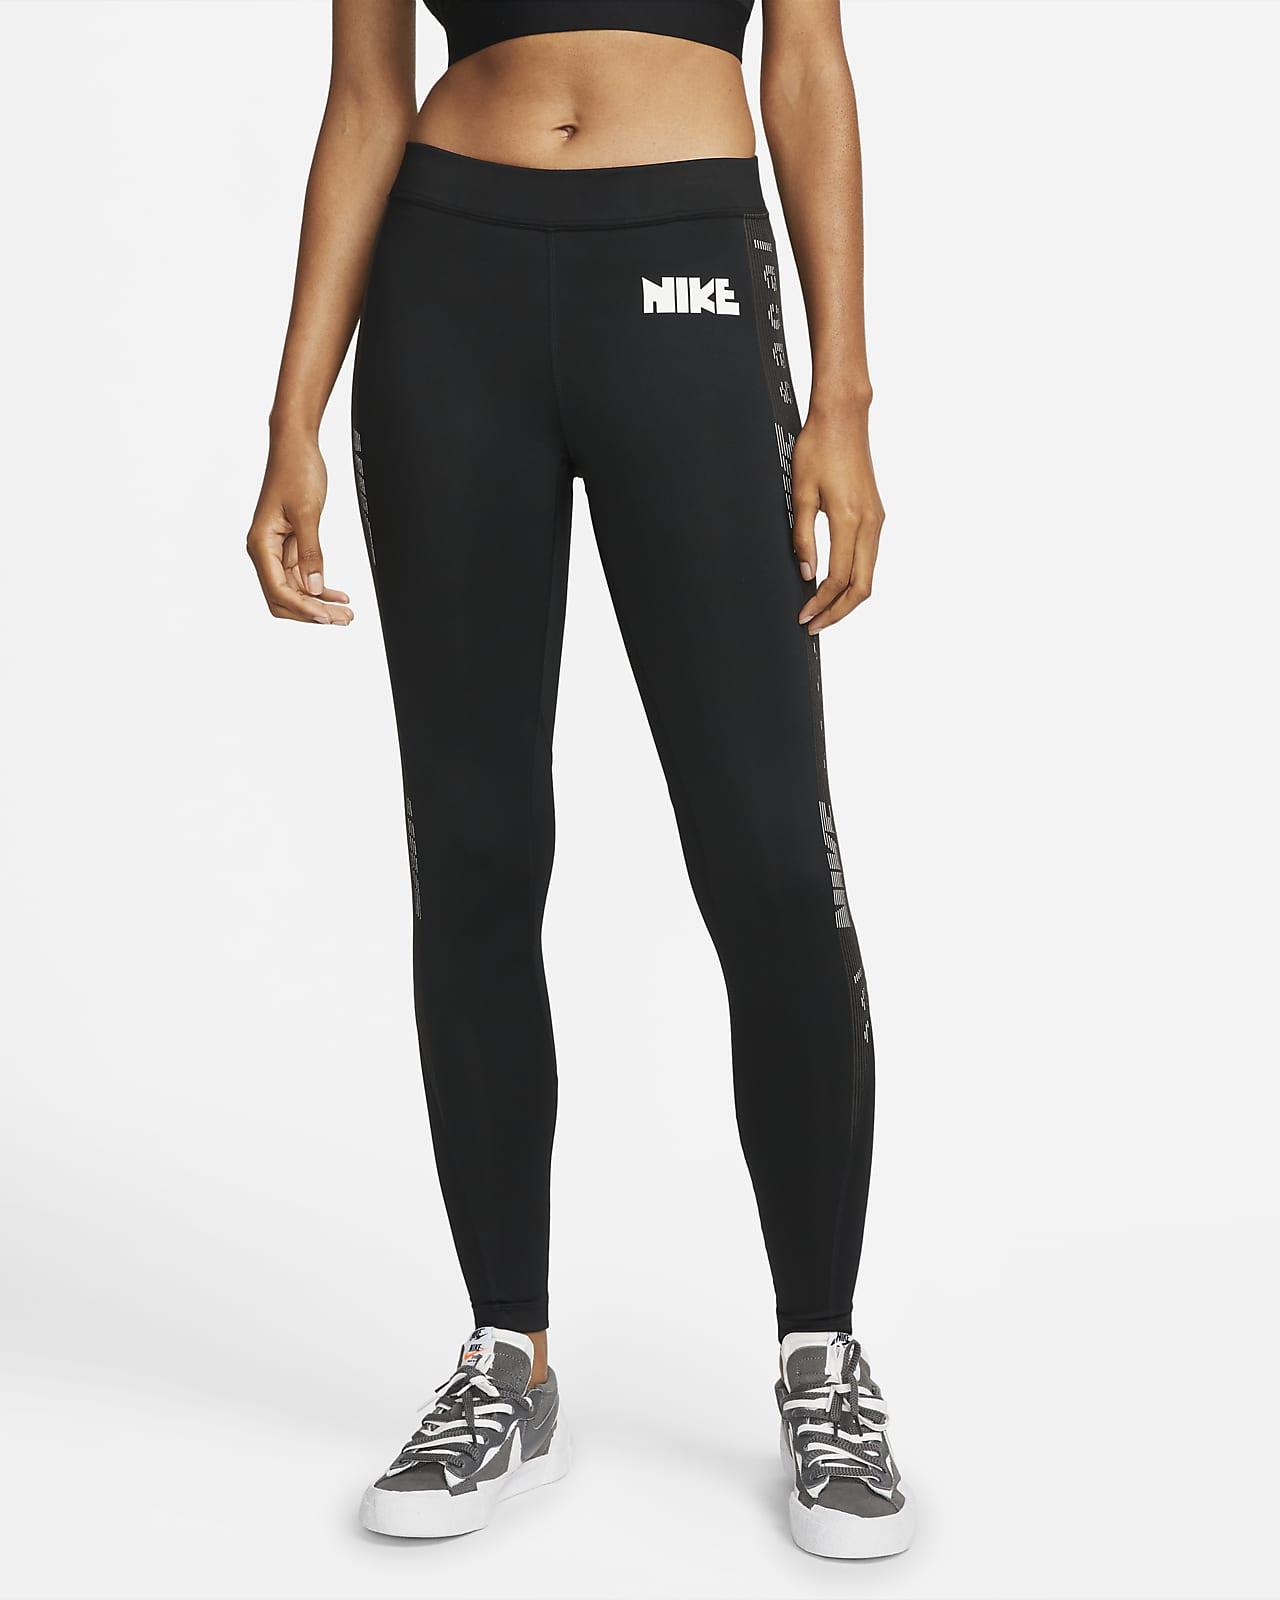 เลกกิ้งเอวปานกลาง Nike x sacai